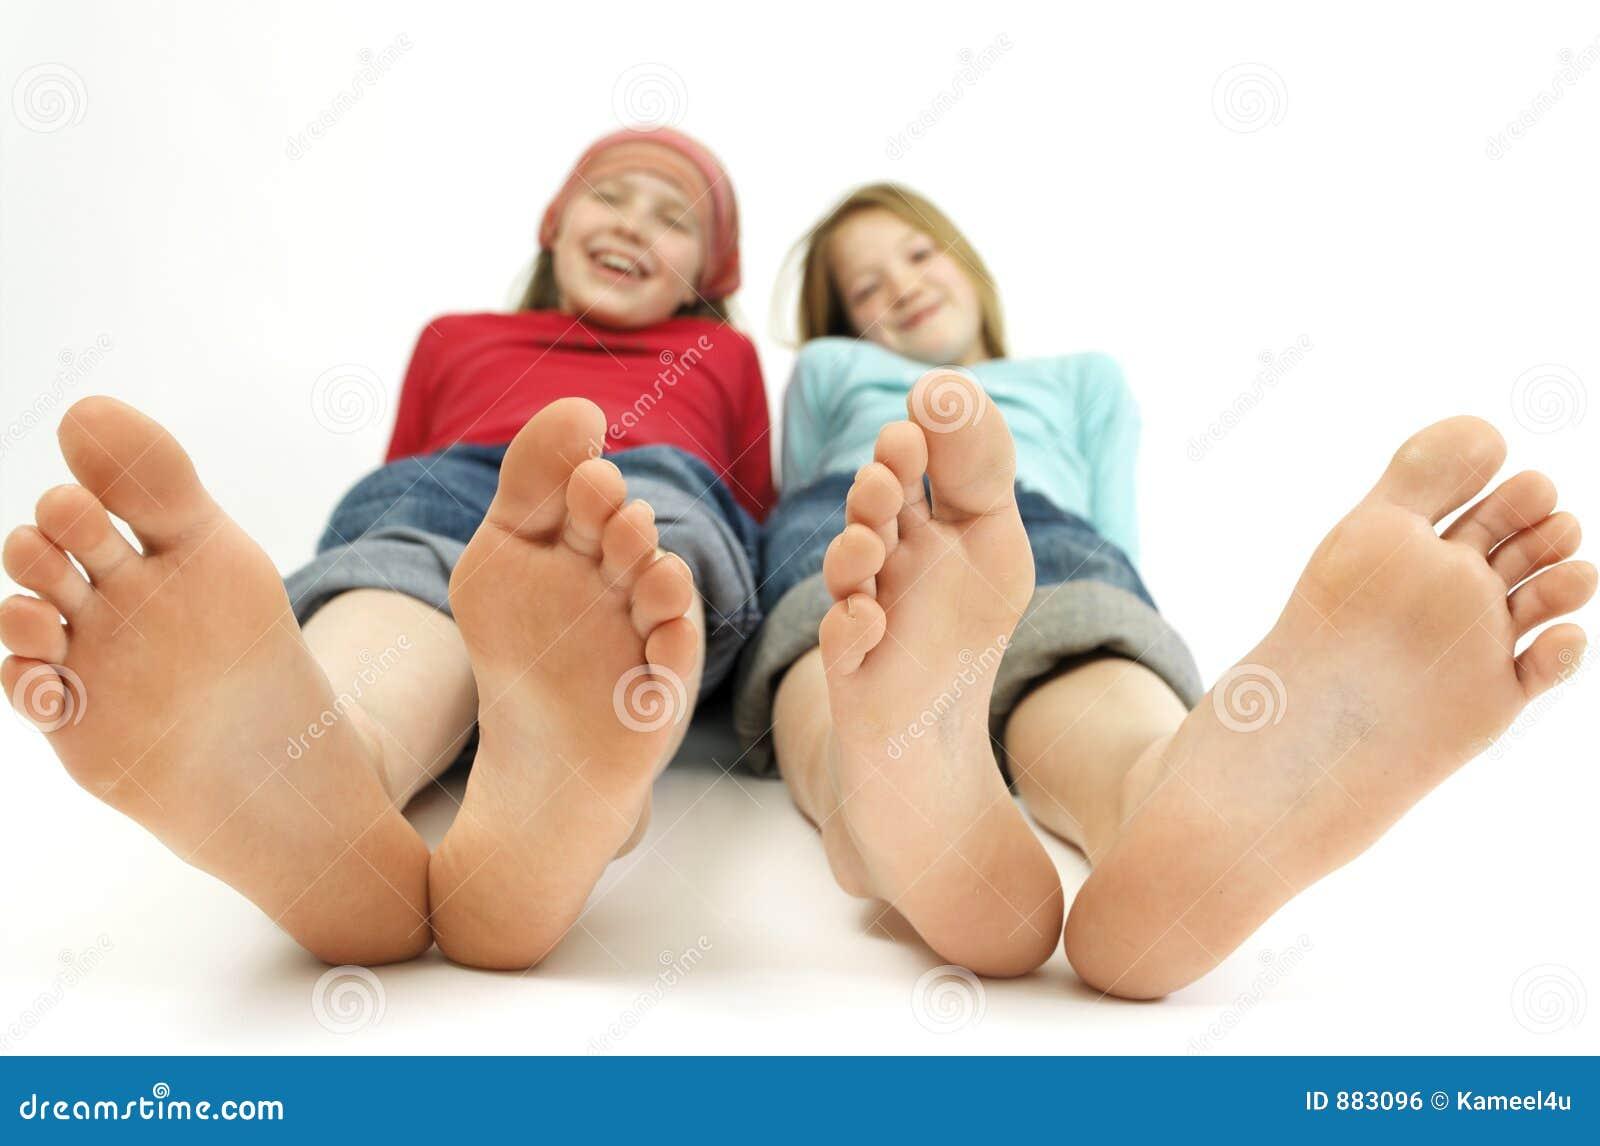 Duża stopa dziewczyna